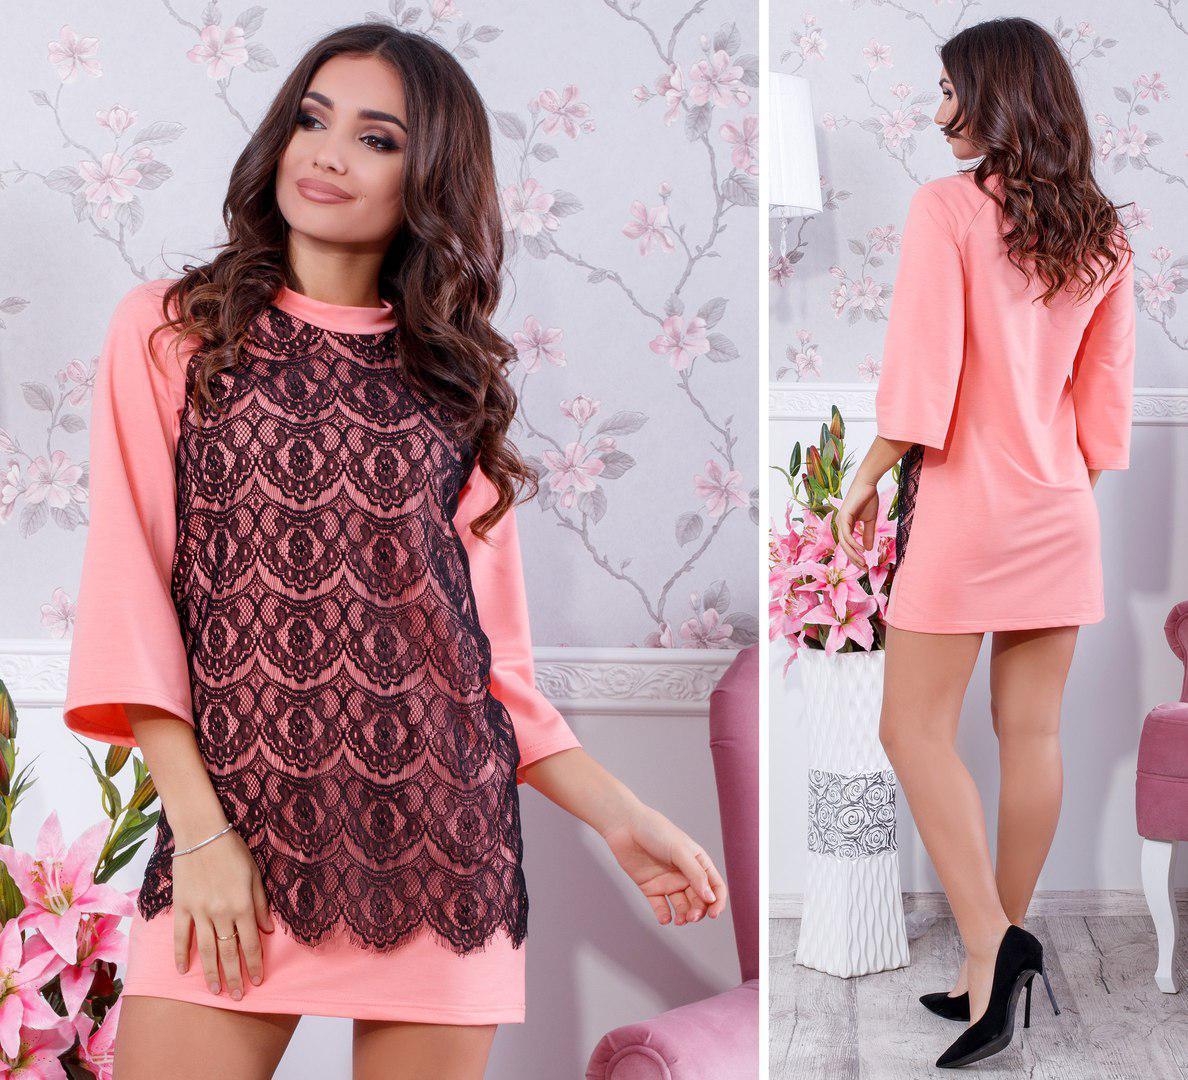 468b094e881 Платье туника с кружевом в расцветках 32159  Интернет-магазин модной ...